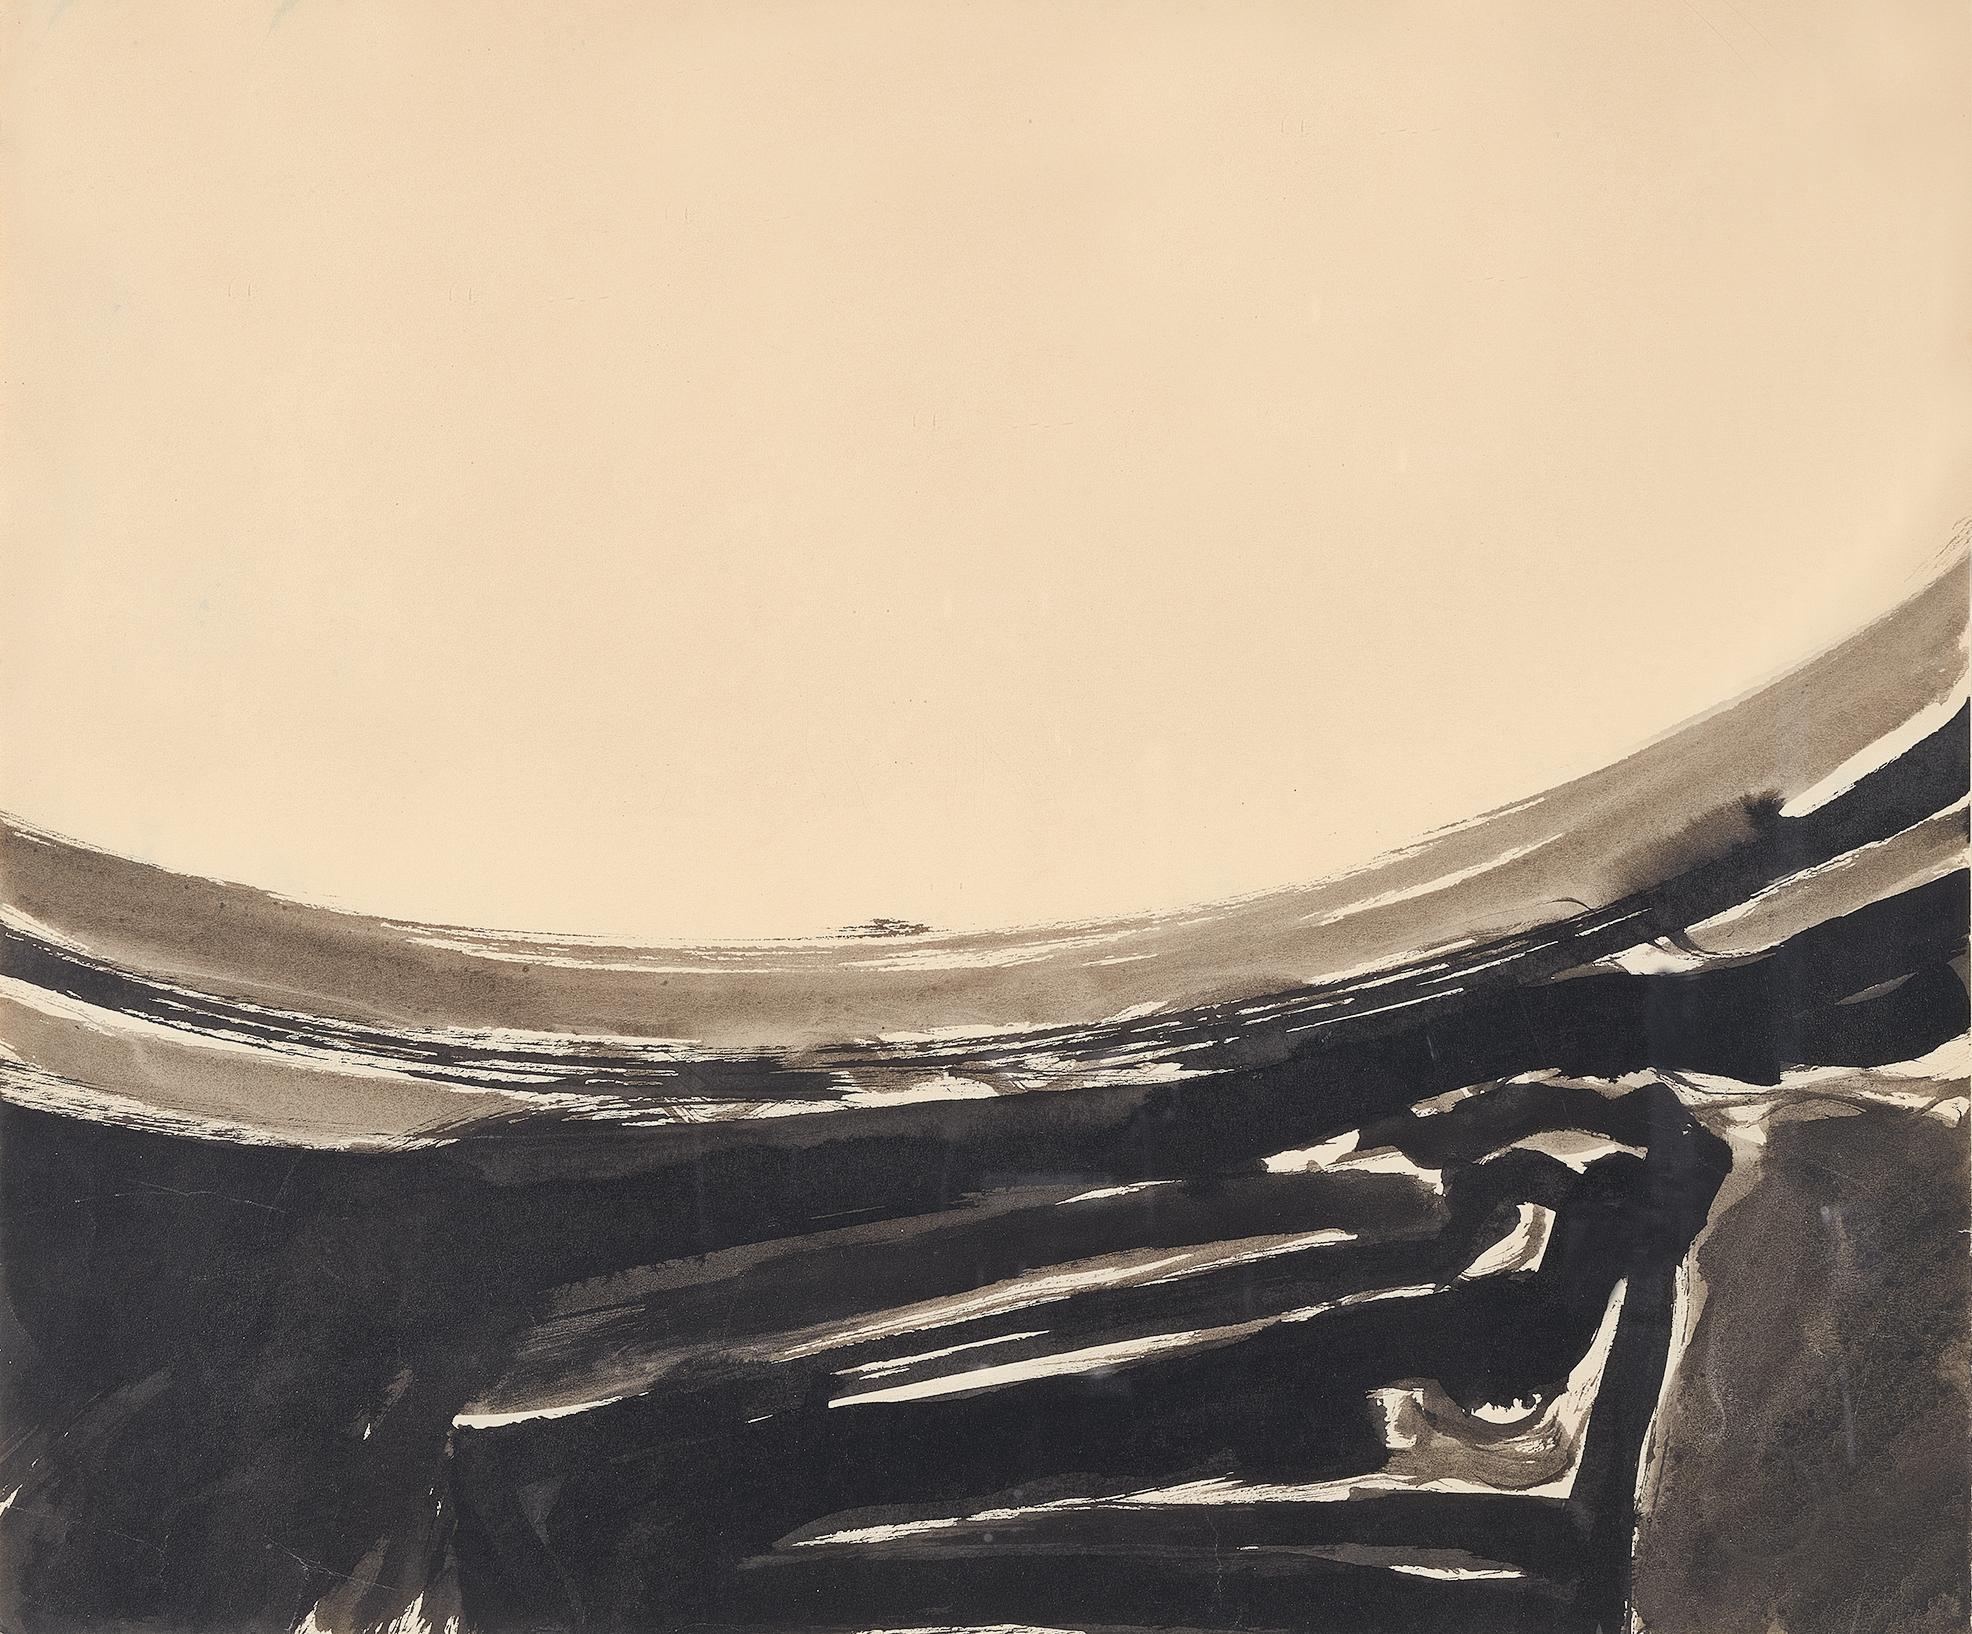 Francis Sam, Untitled, SF 49-040